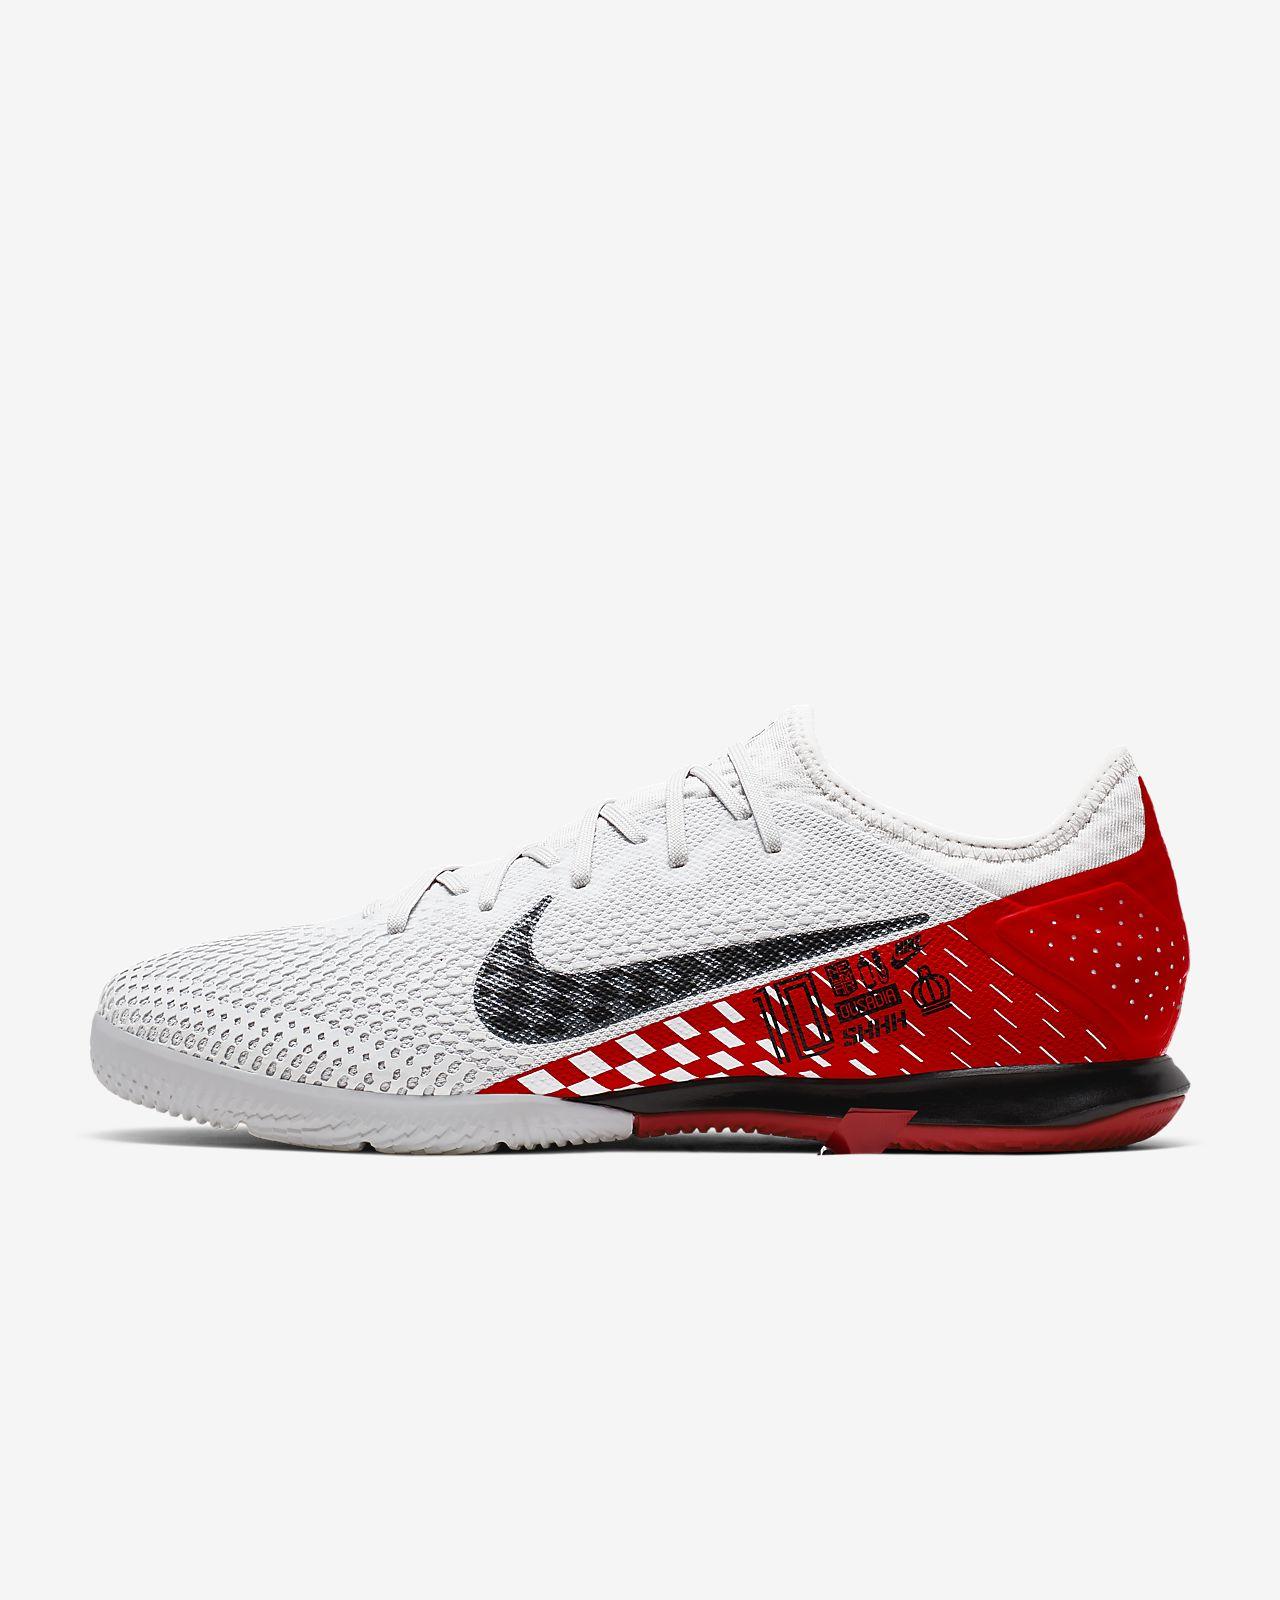 gładki sprzedaż hurtowa najnowszy Nike Mercurial Vapor 13 Pro Neymar Jr. IC Indoor/Court Football Shoe